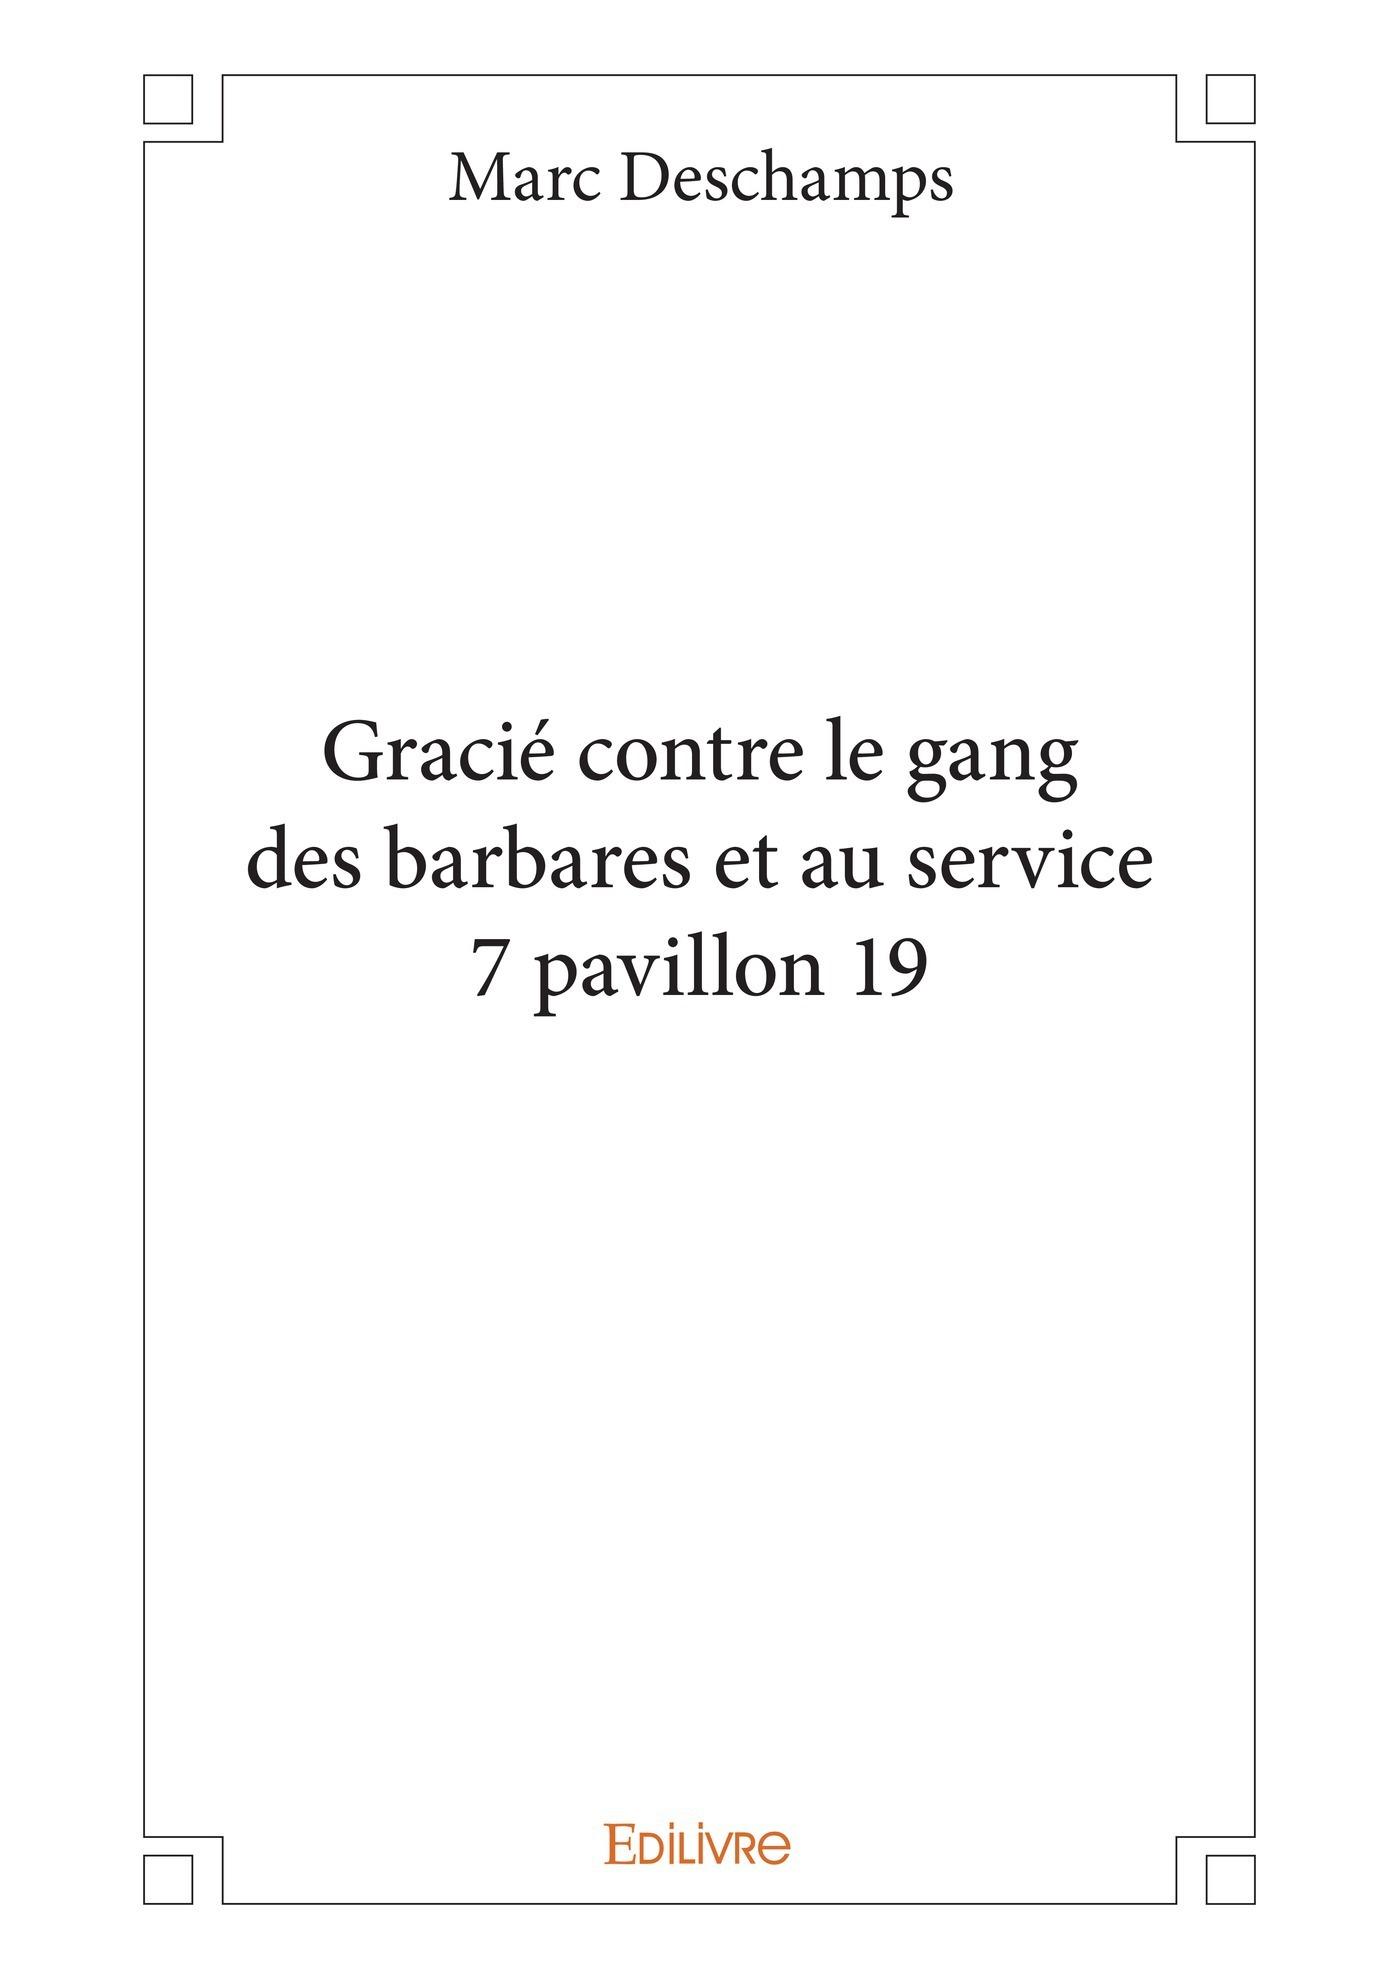 Gracié contre le gang des barbares et au service 7 pavillon 19